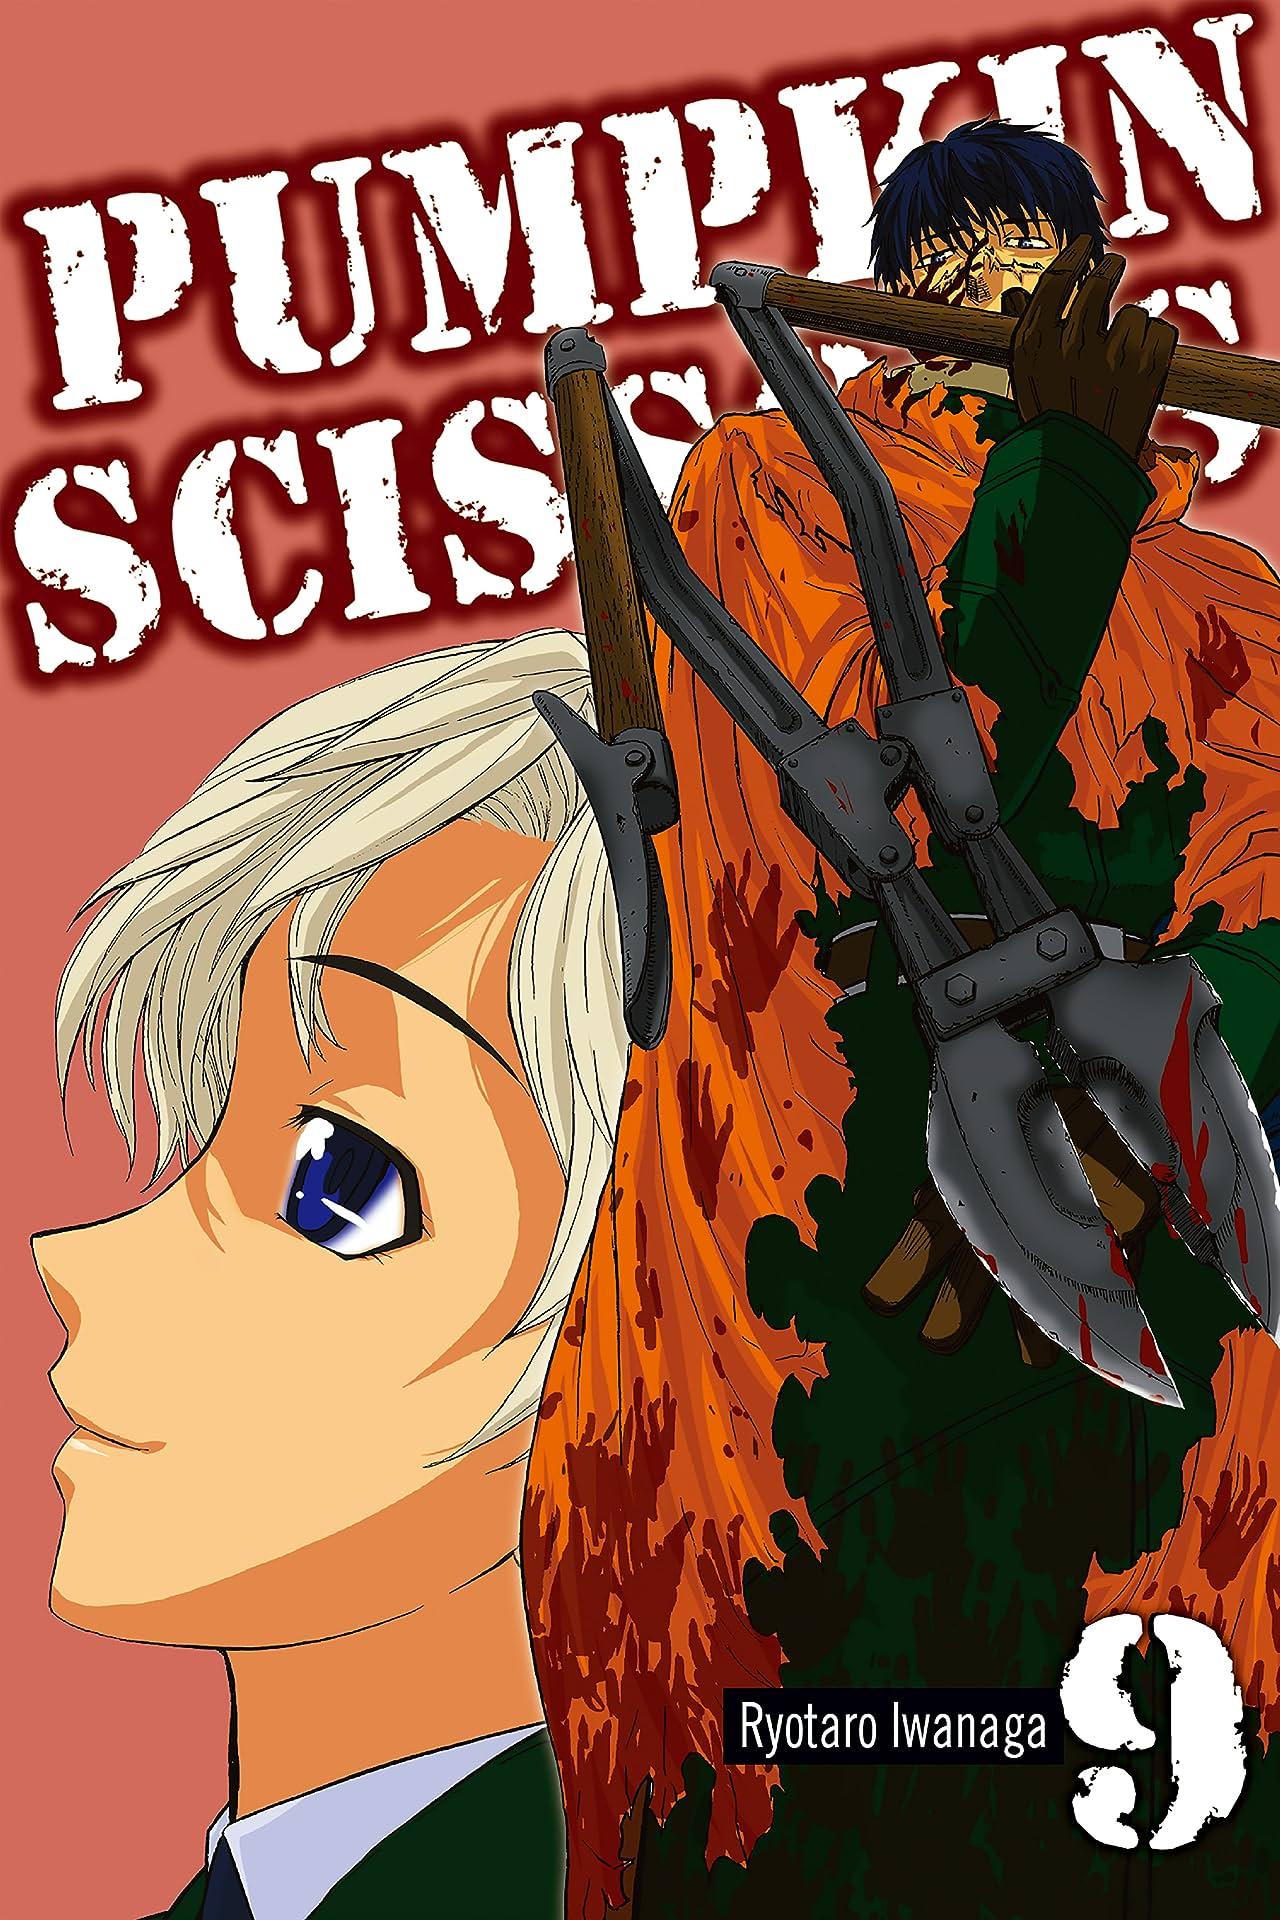 Pumpkin Scissors Vol. 9